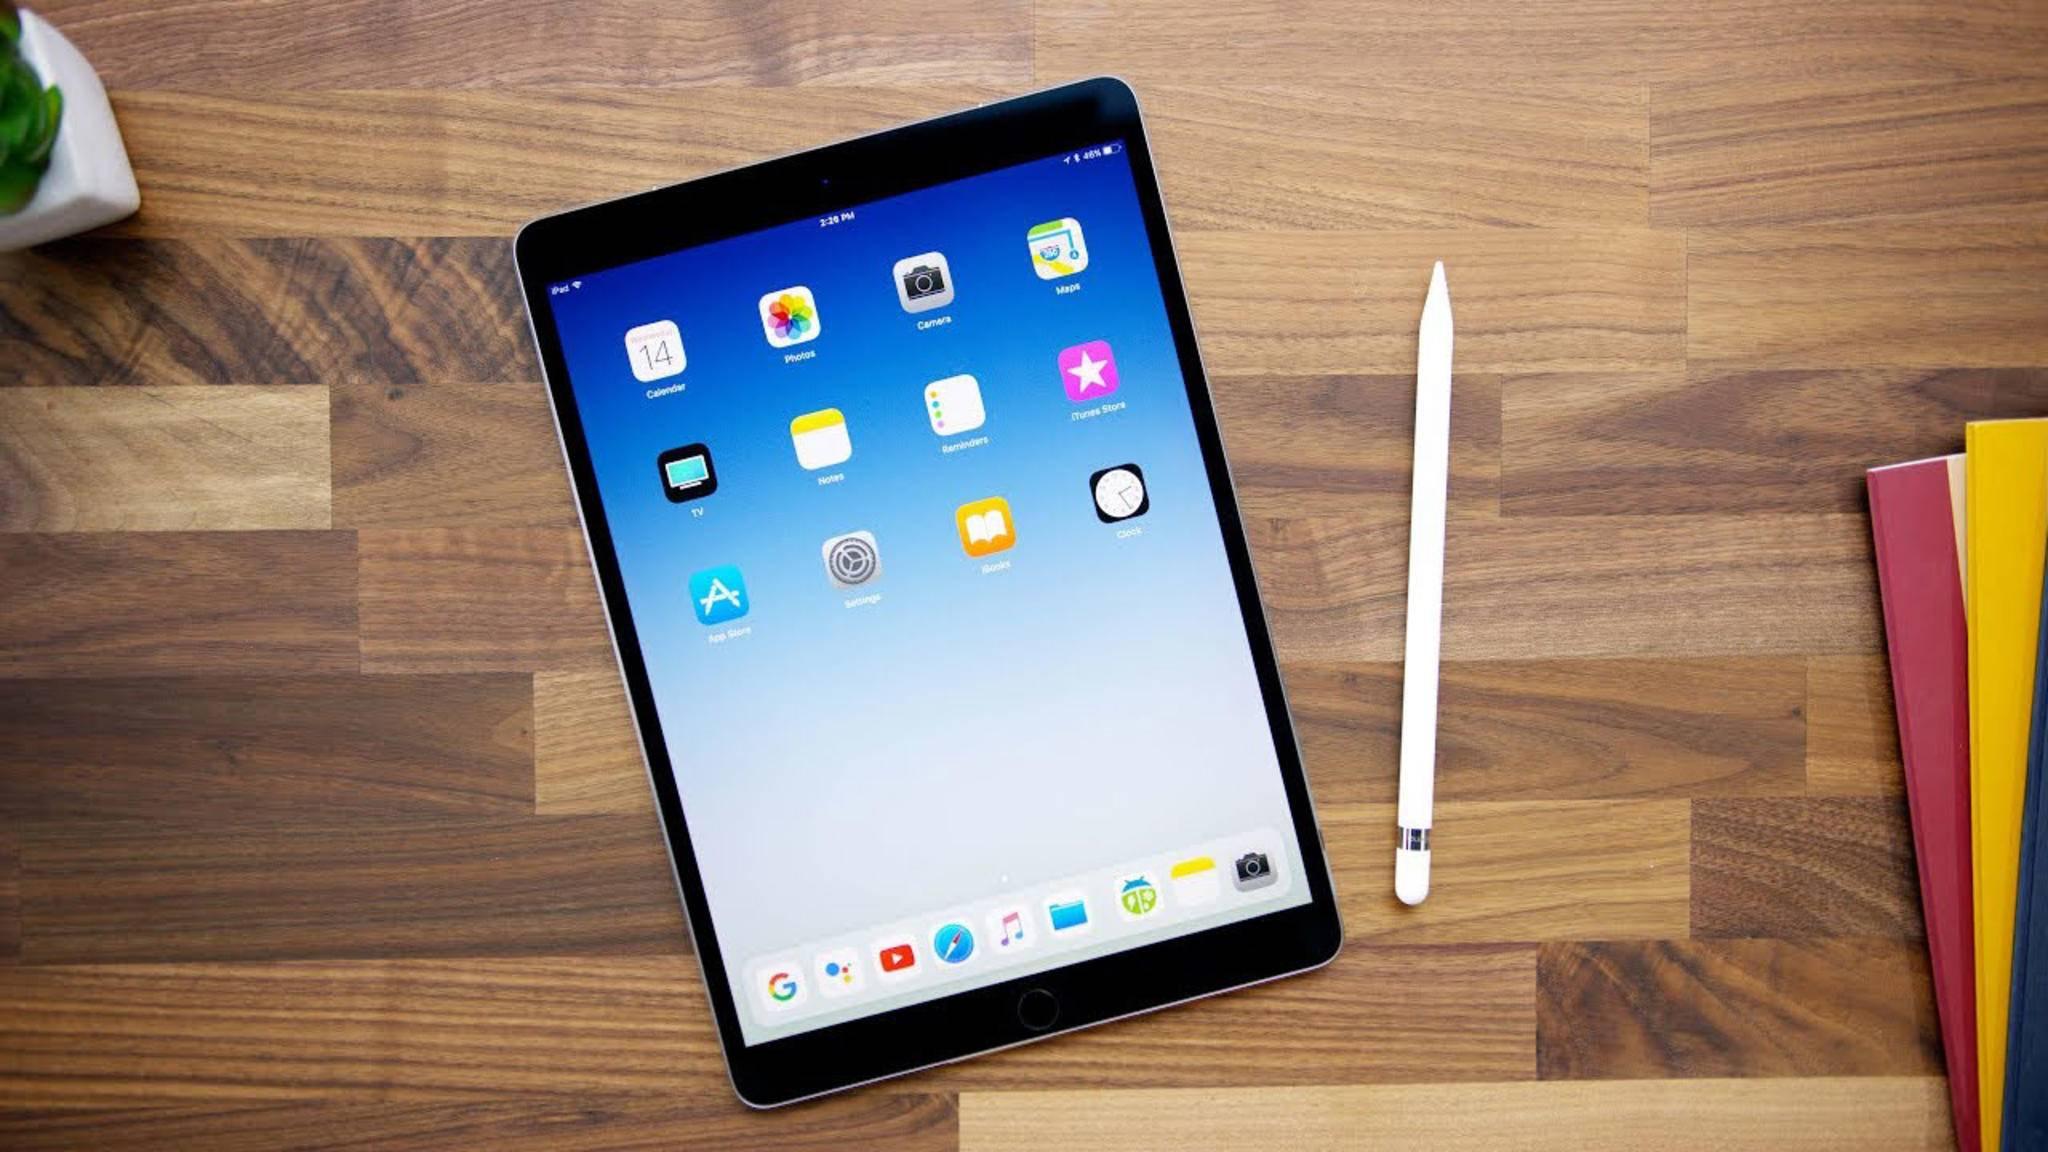 Die 2018er iPad-Pro-Modelle könnten sich ebenfalls per Gesichtserkennung entsperren lassen.